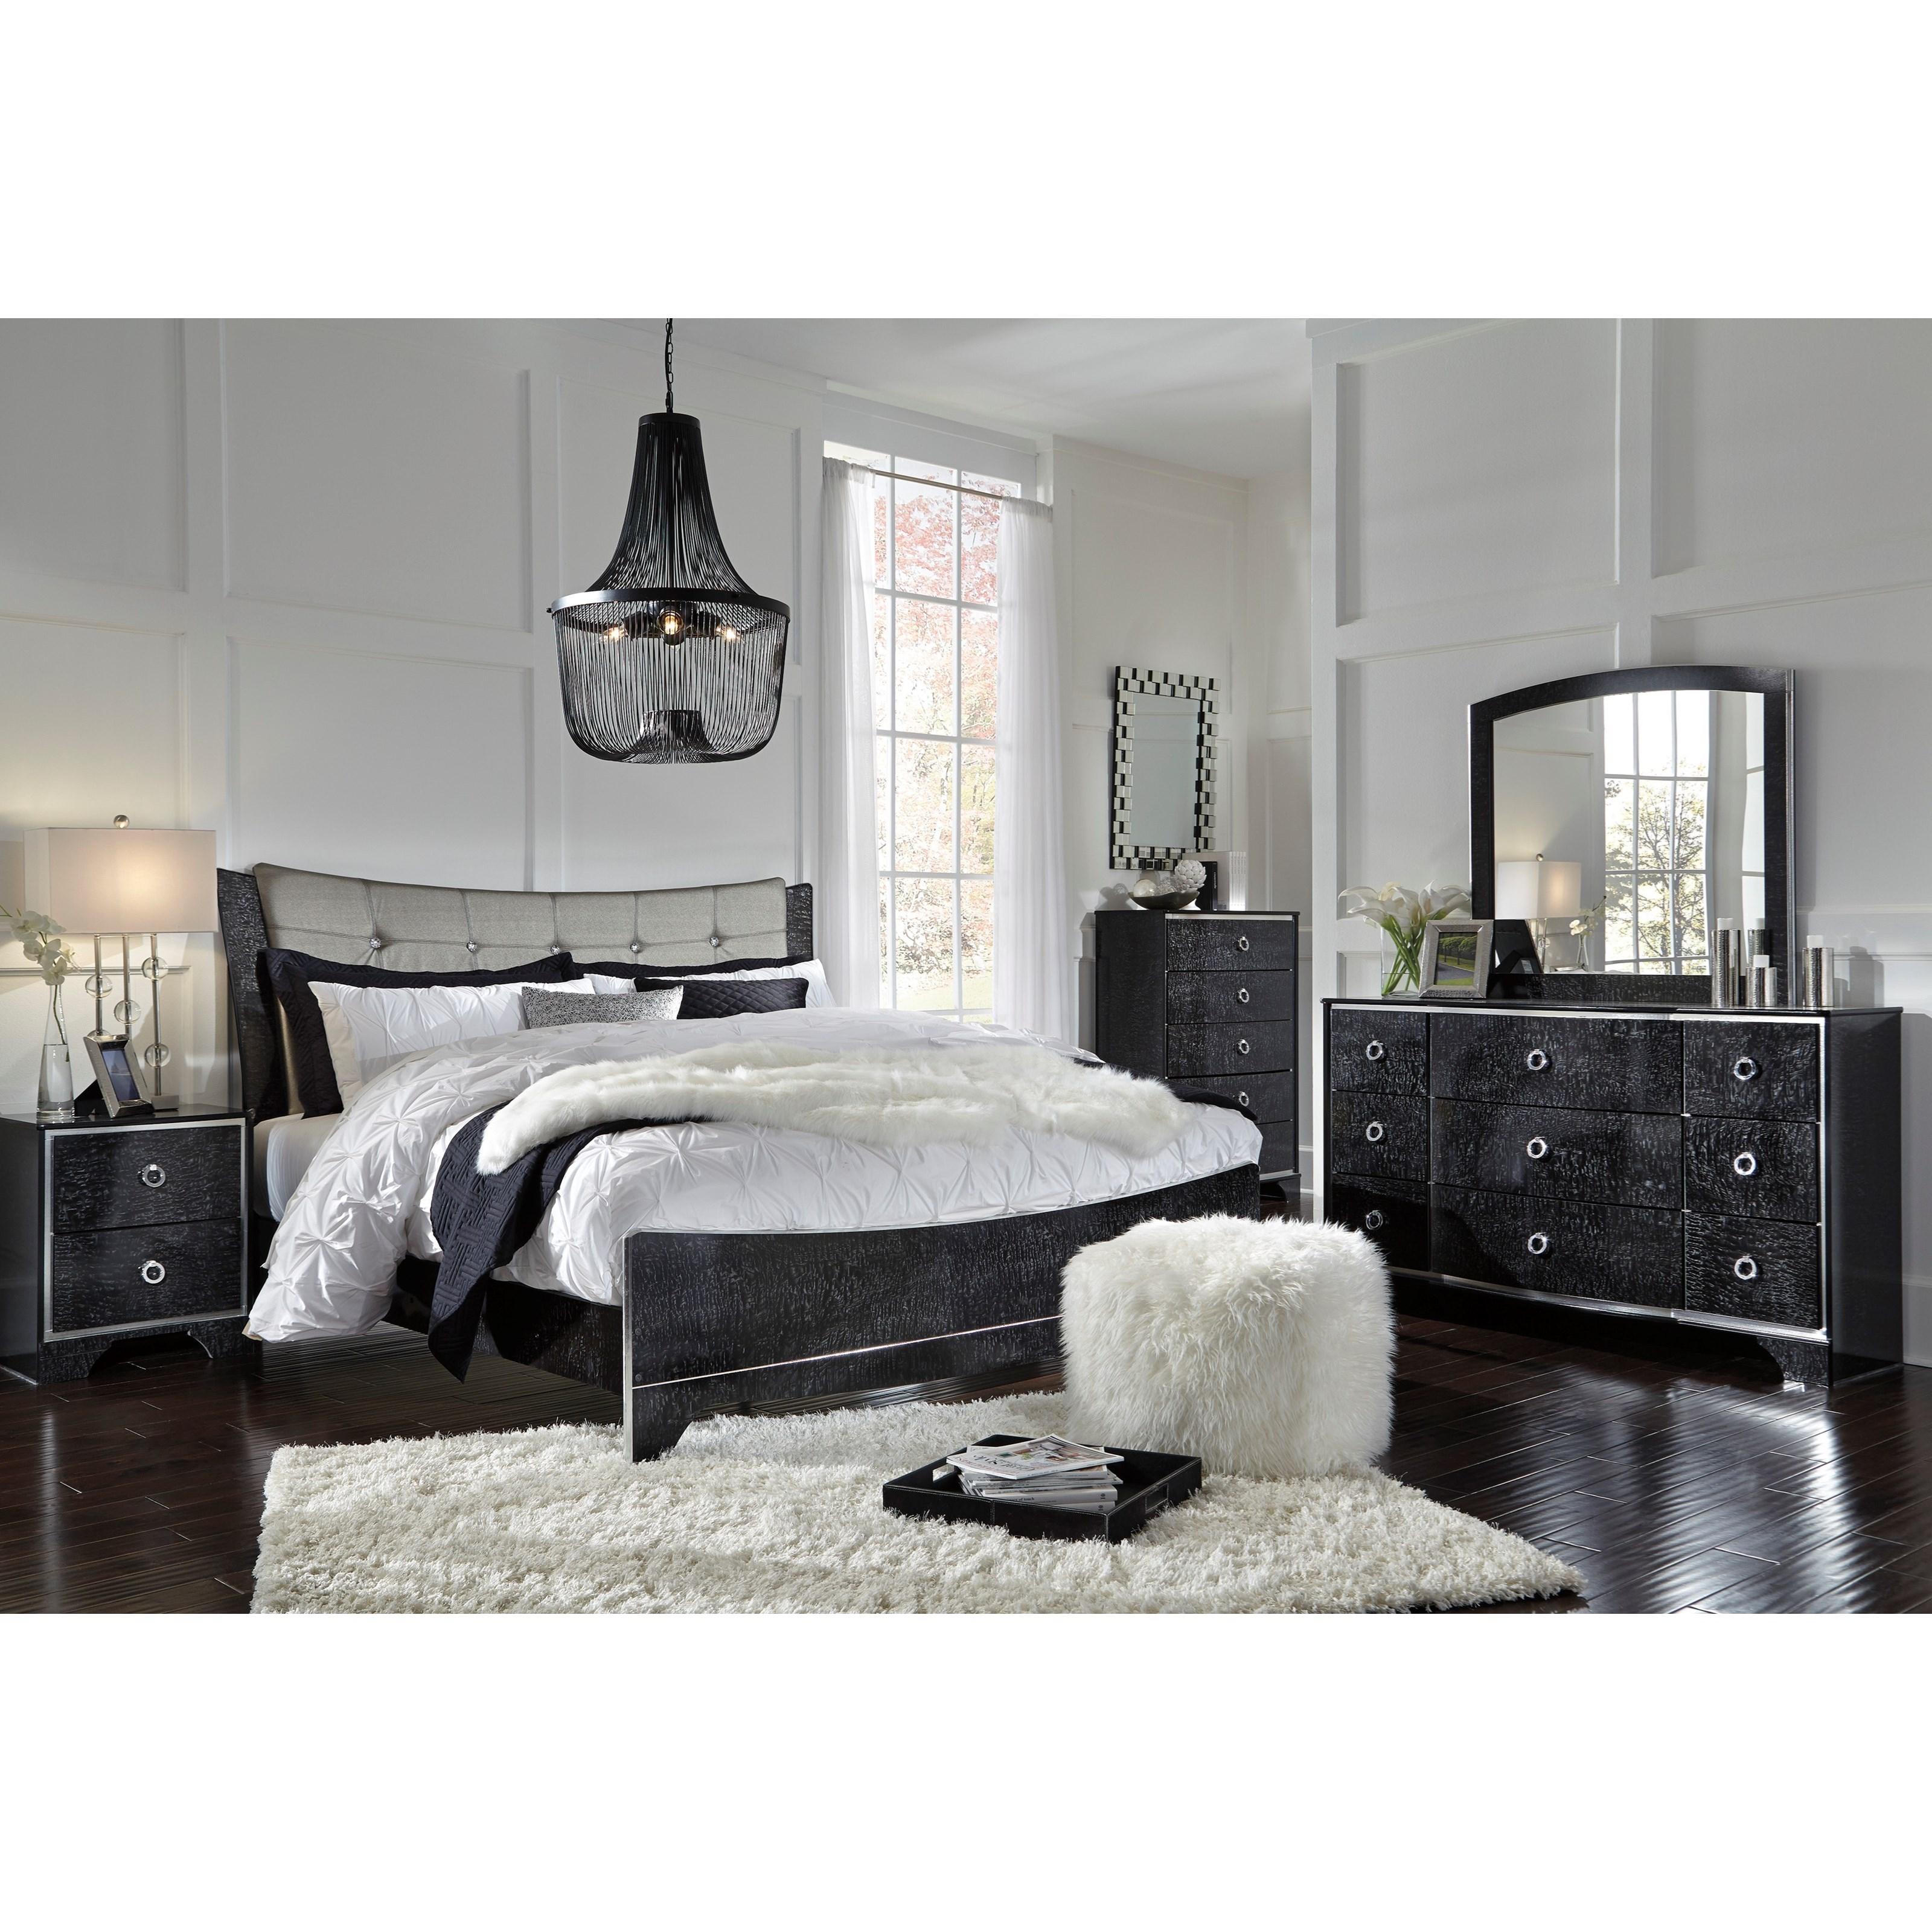 Signature Design by Ashley Amrothi King Bedroom Group - Item Number: B257 K Bedroom Group 1